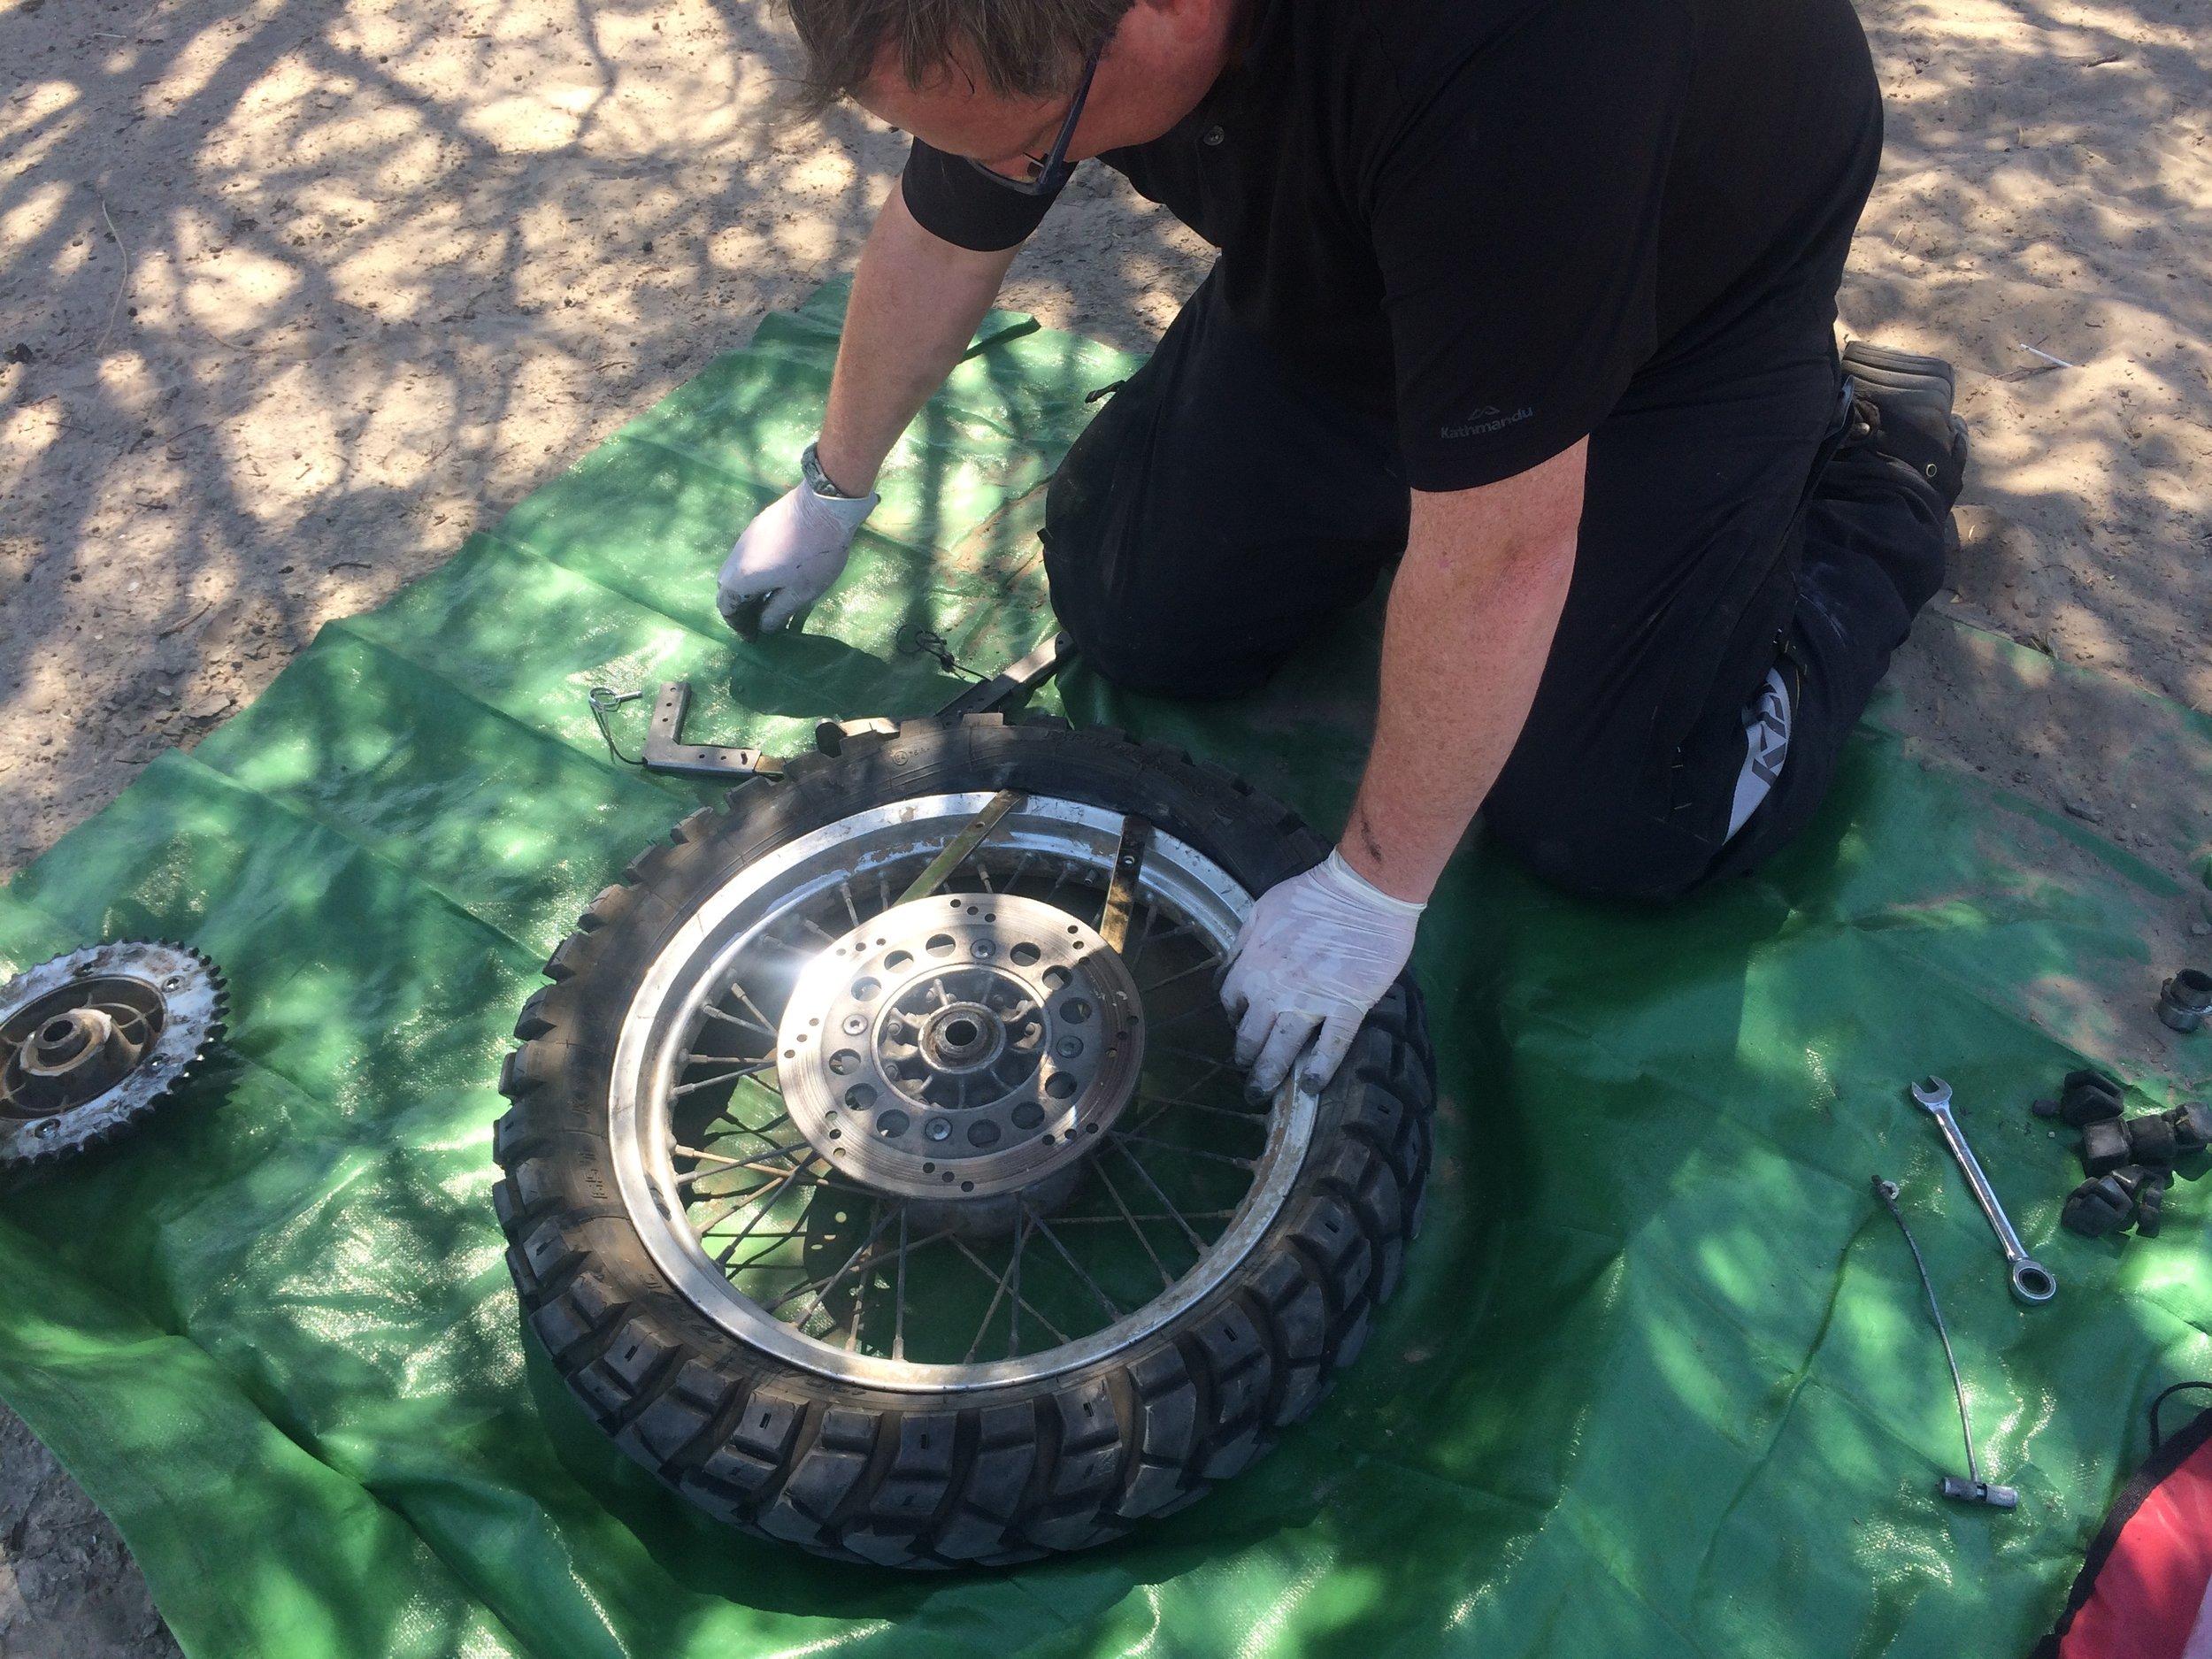 Those Heidenau tyres are tough